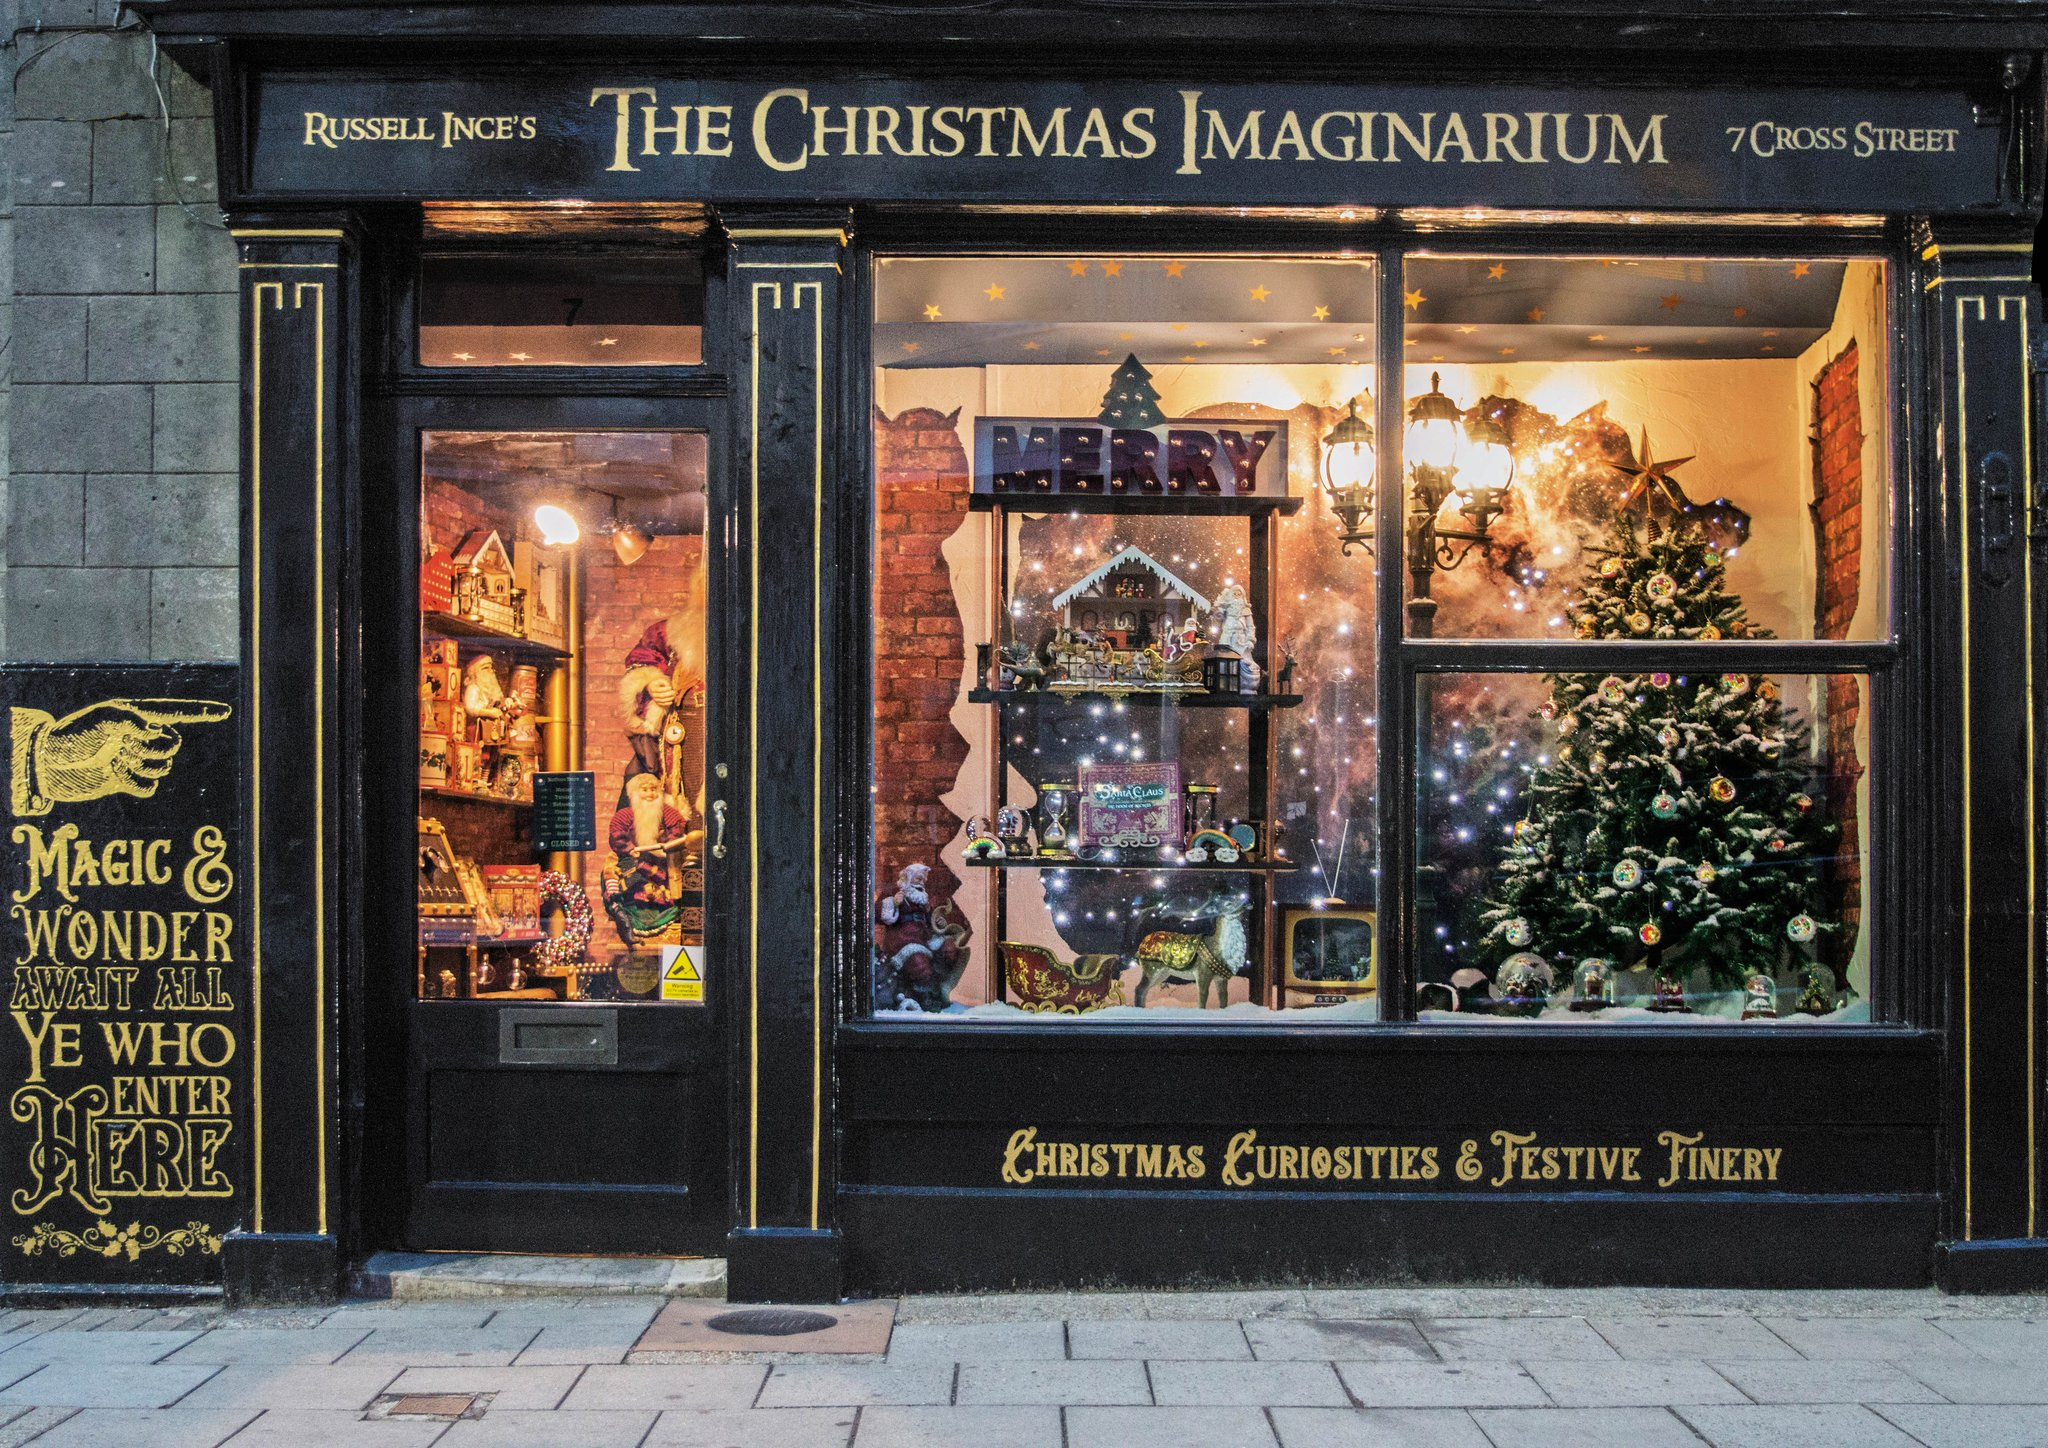 The Christmas Imaginarium